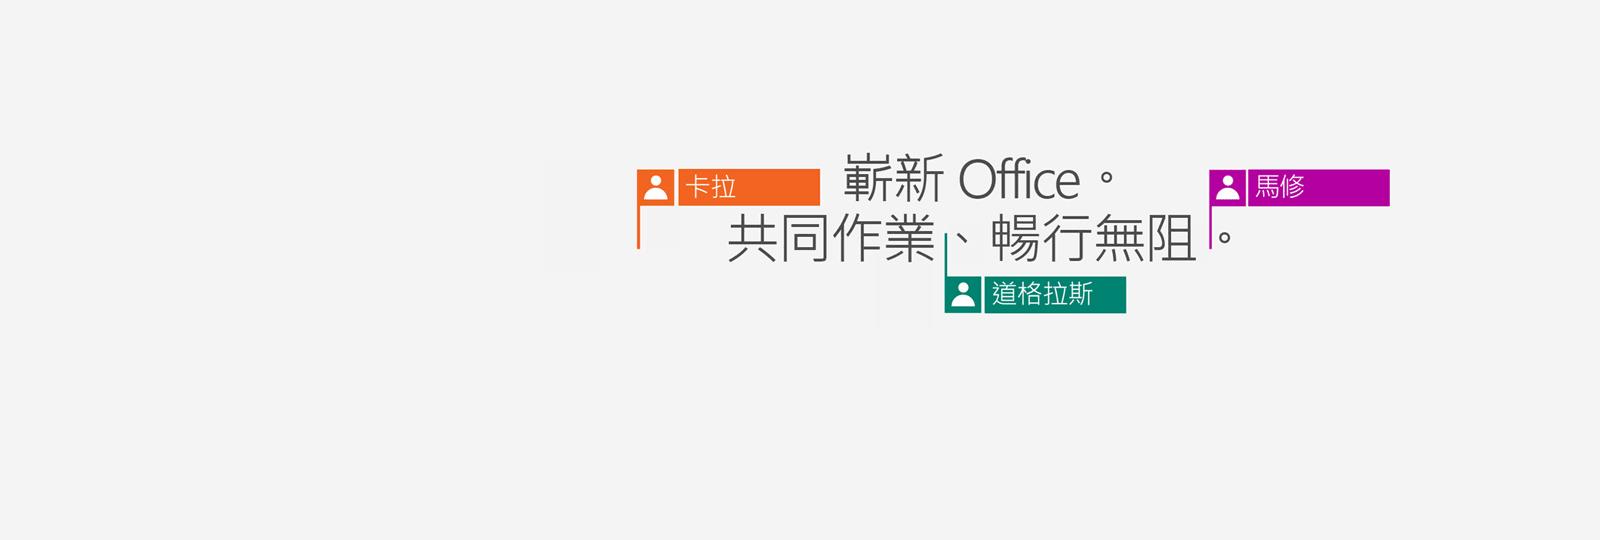 立即購買 Office 365 以享用全新 2016 Apps.